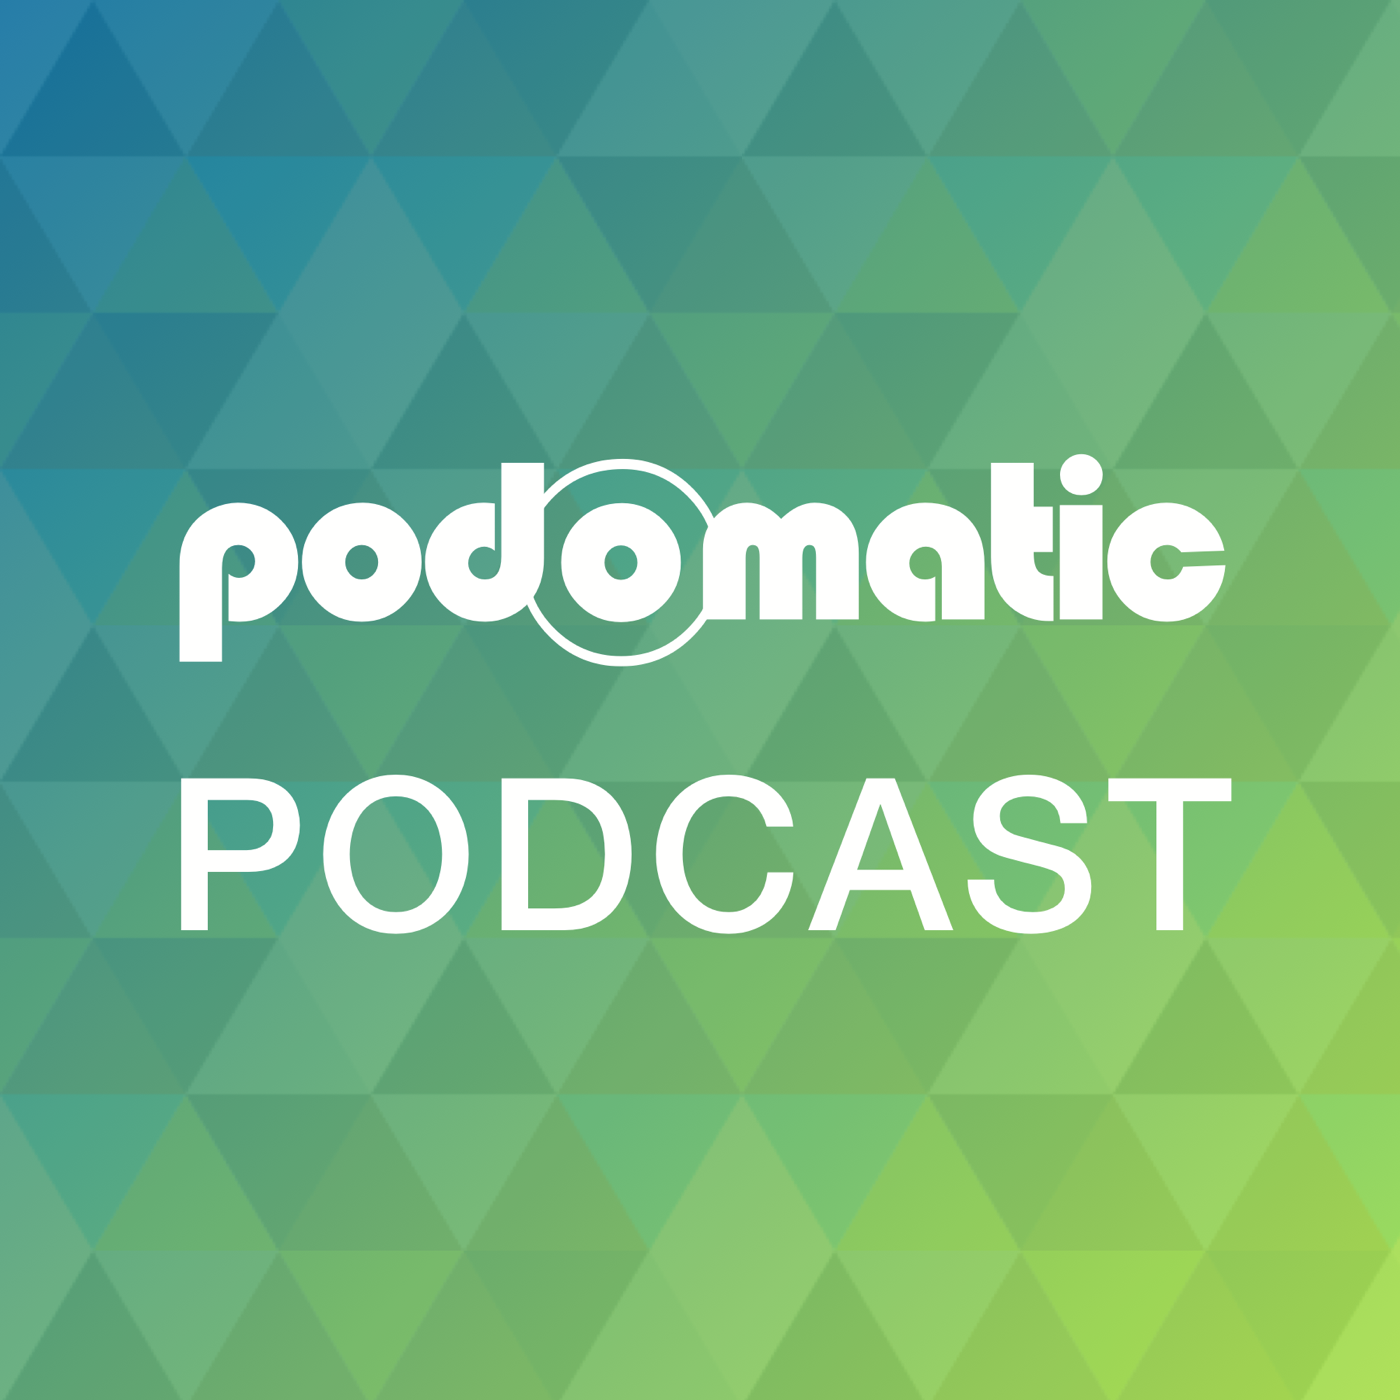 SometimesWeVlog's Podcast